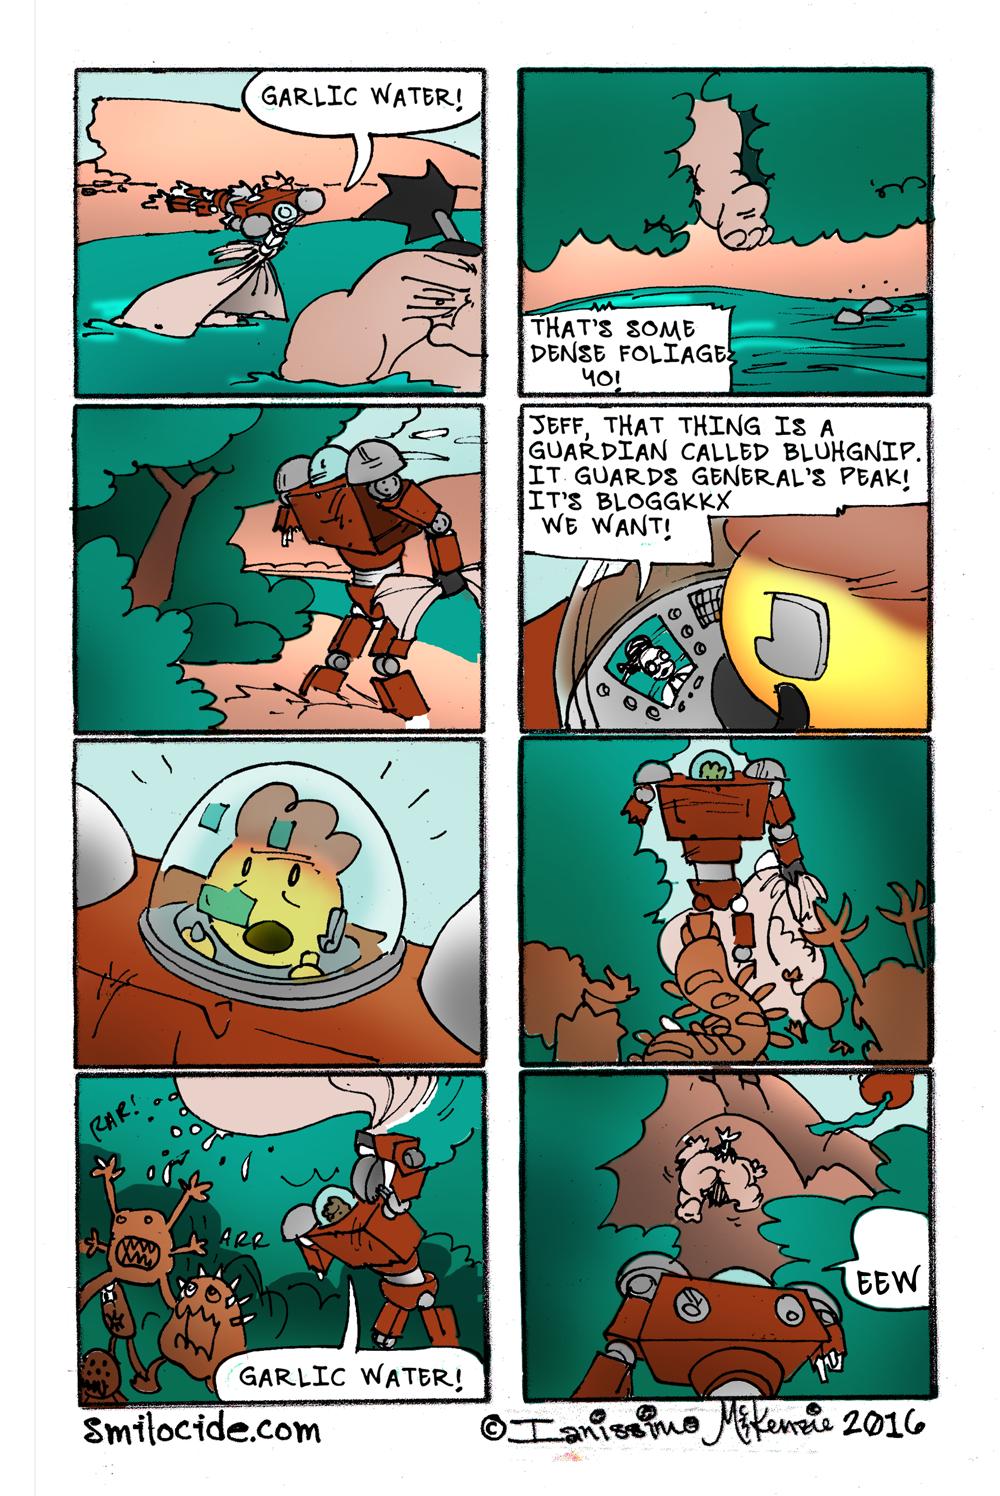 MS 2:38 - Garlic Water!